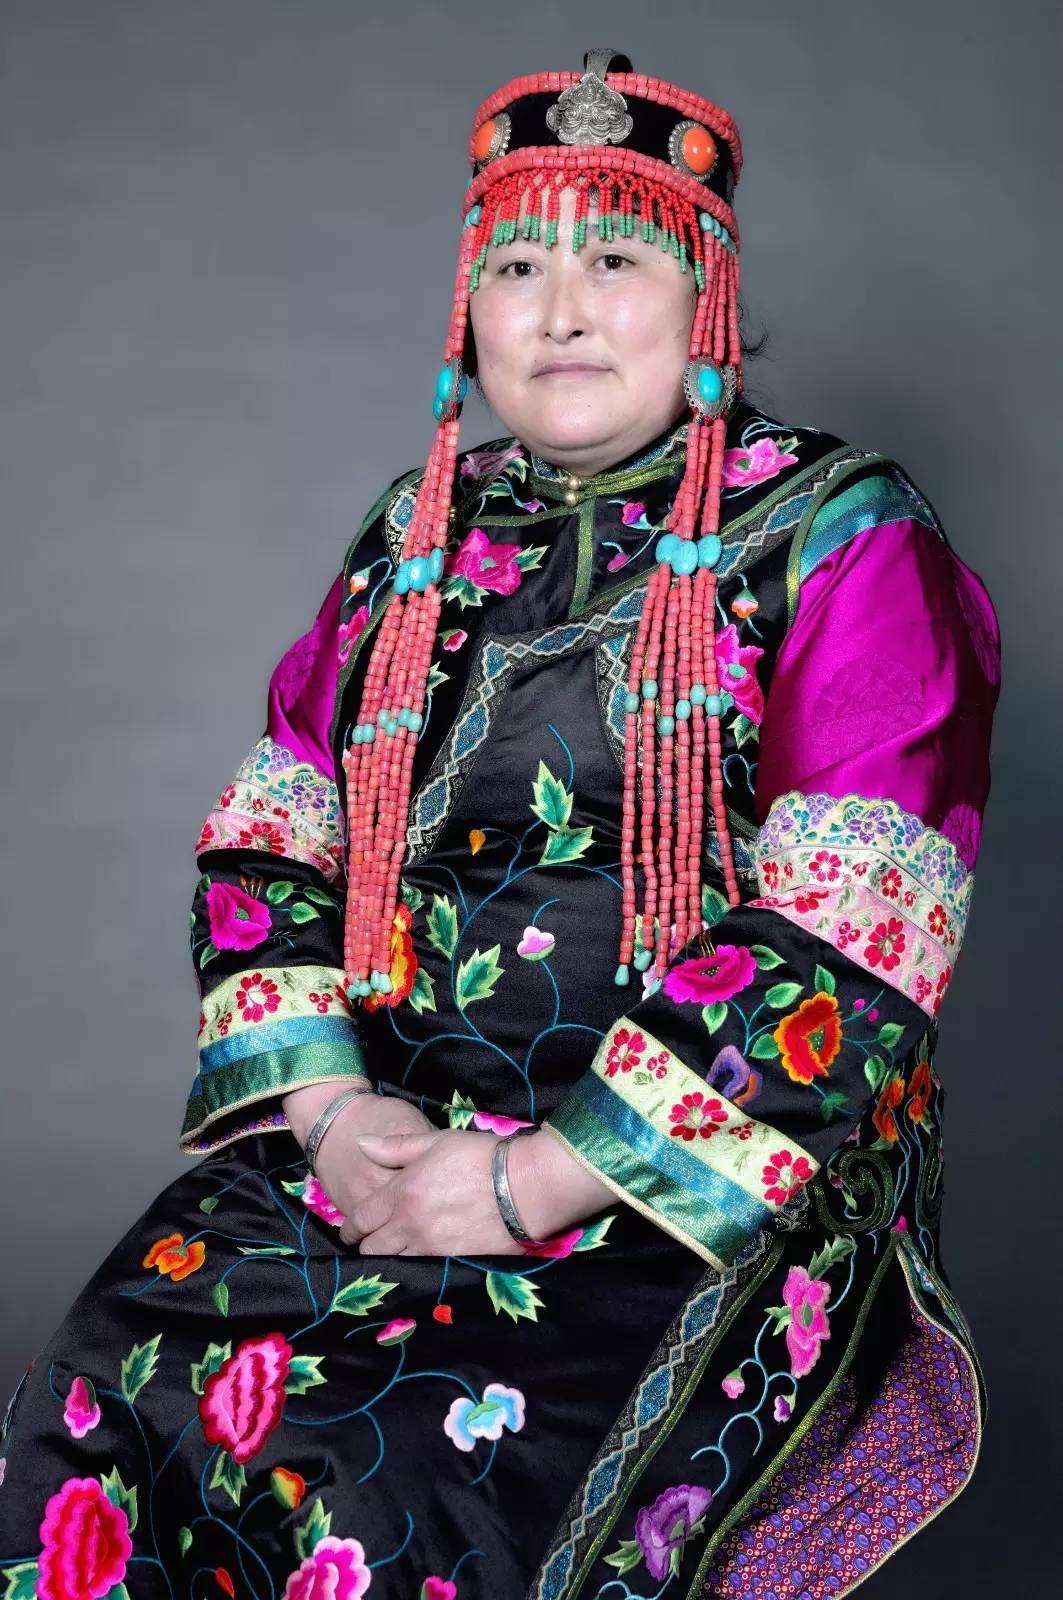 蒙古族刺绣非遗传承人——萨义玛 第1张